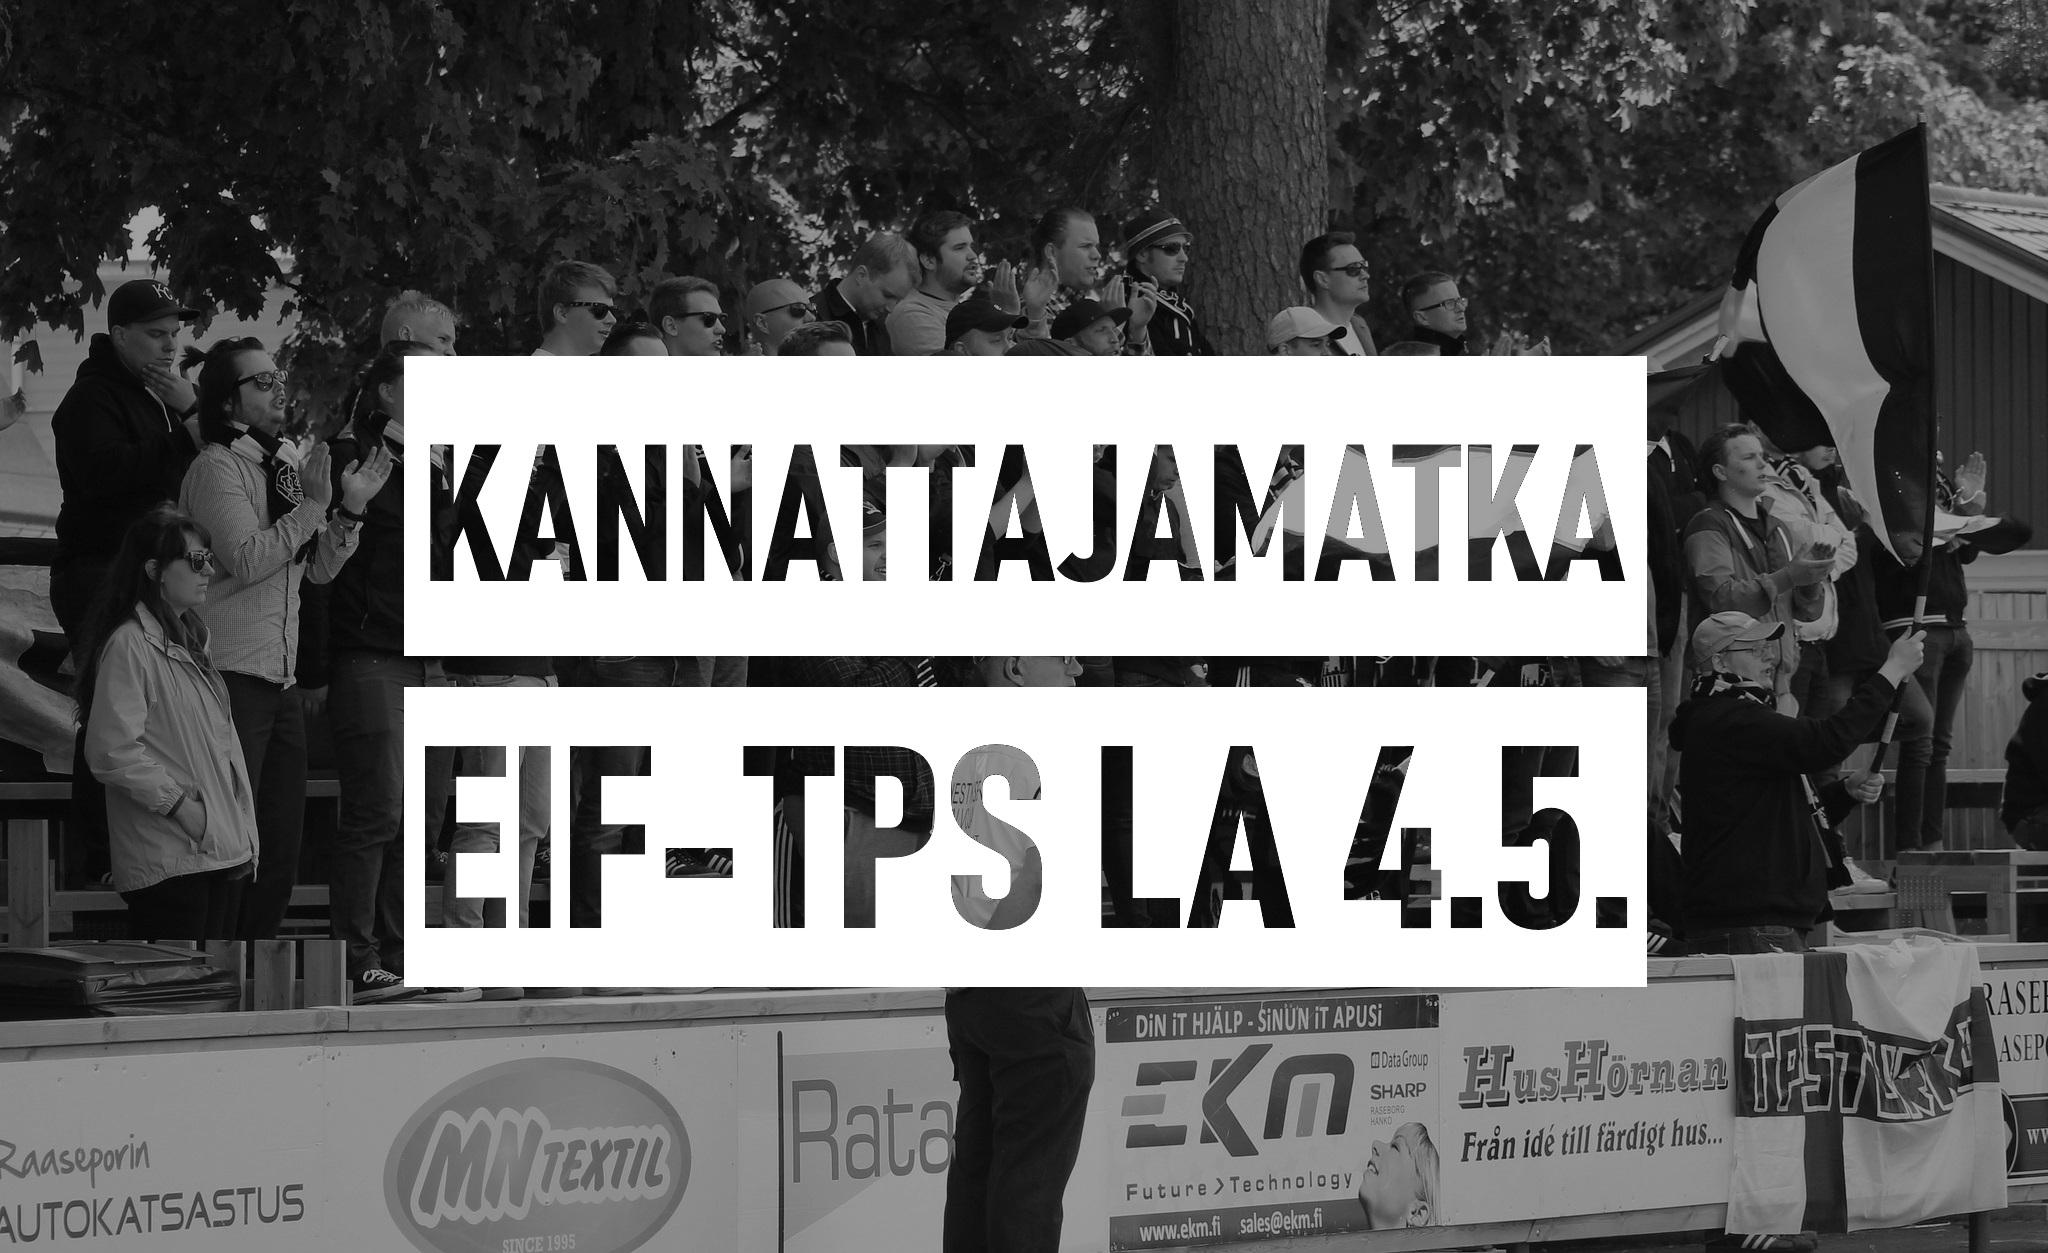 Kannattajamatka: EIF-TPS